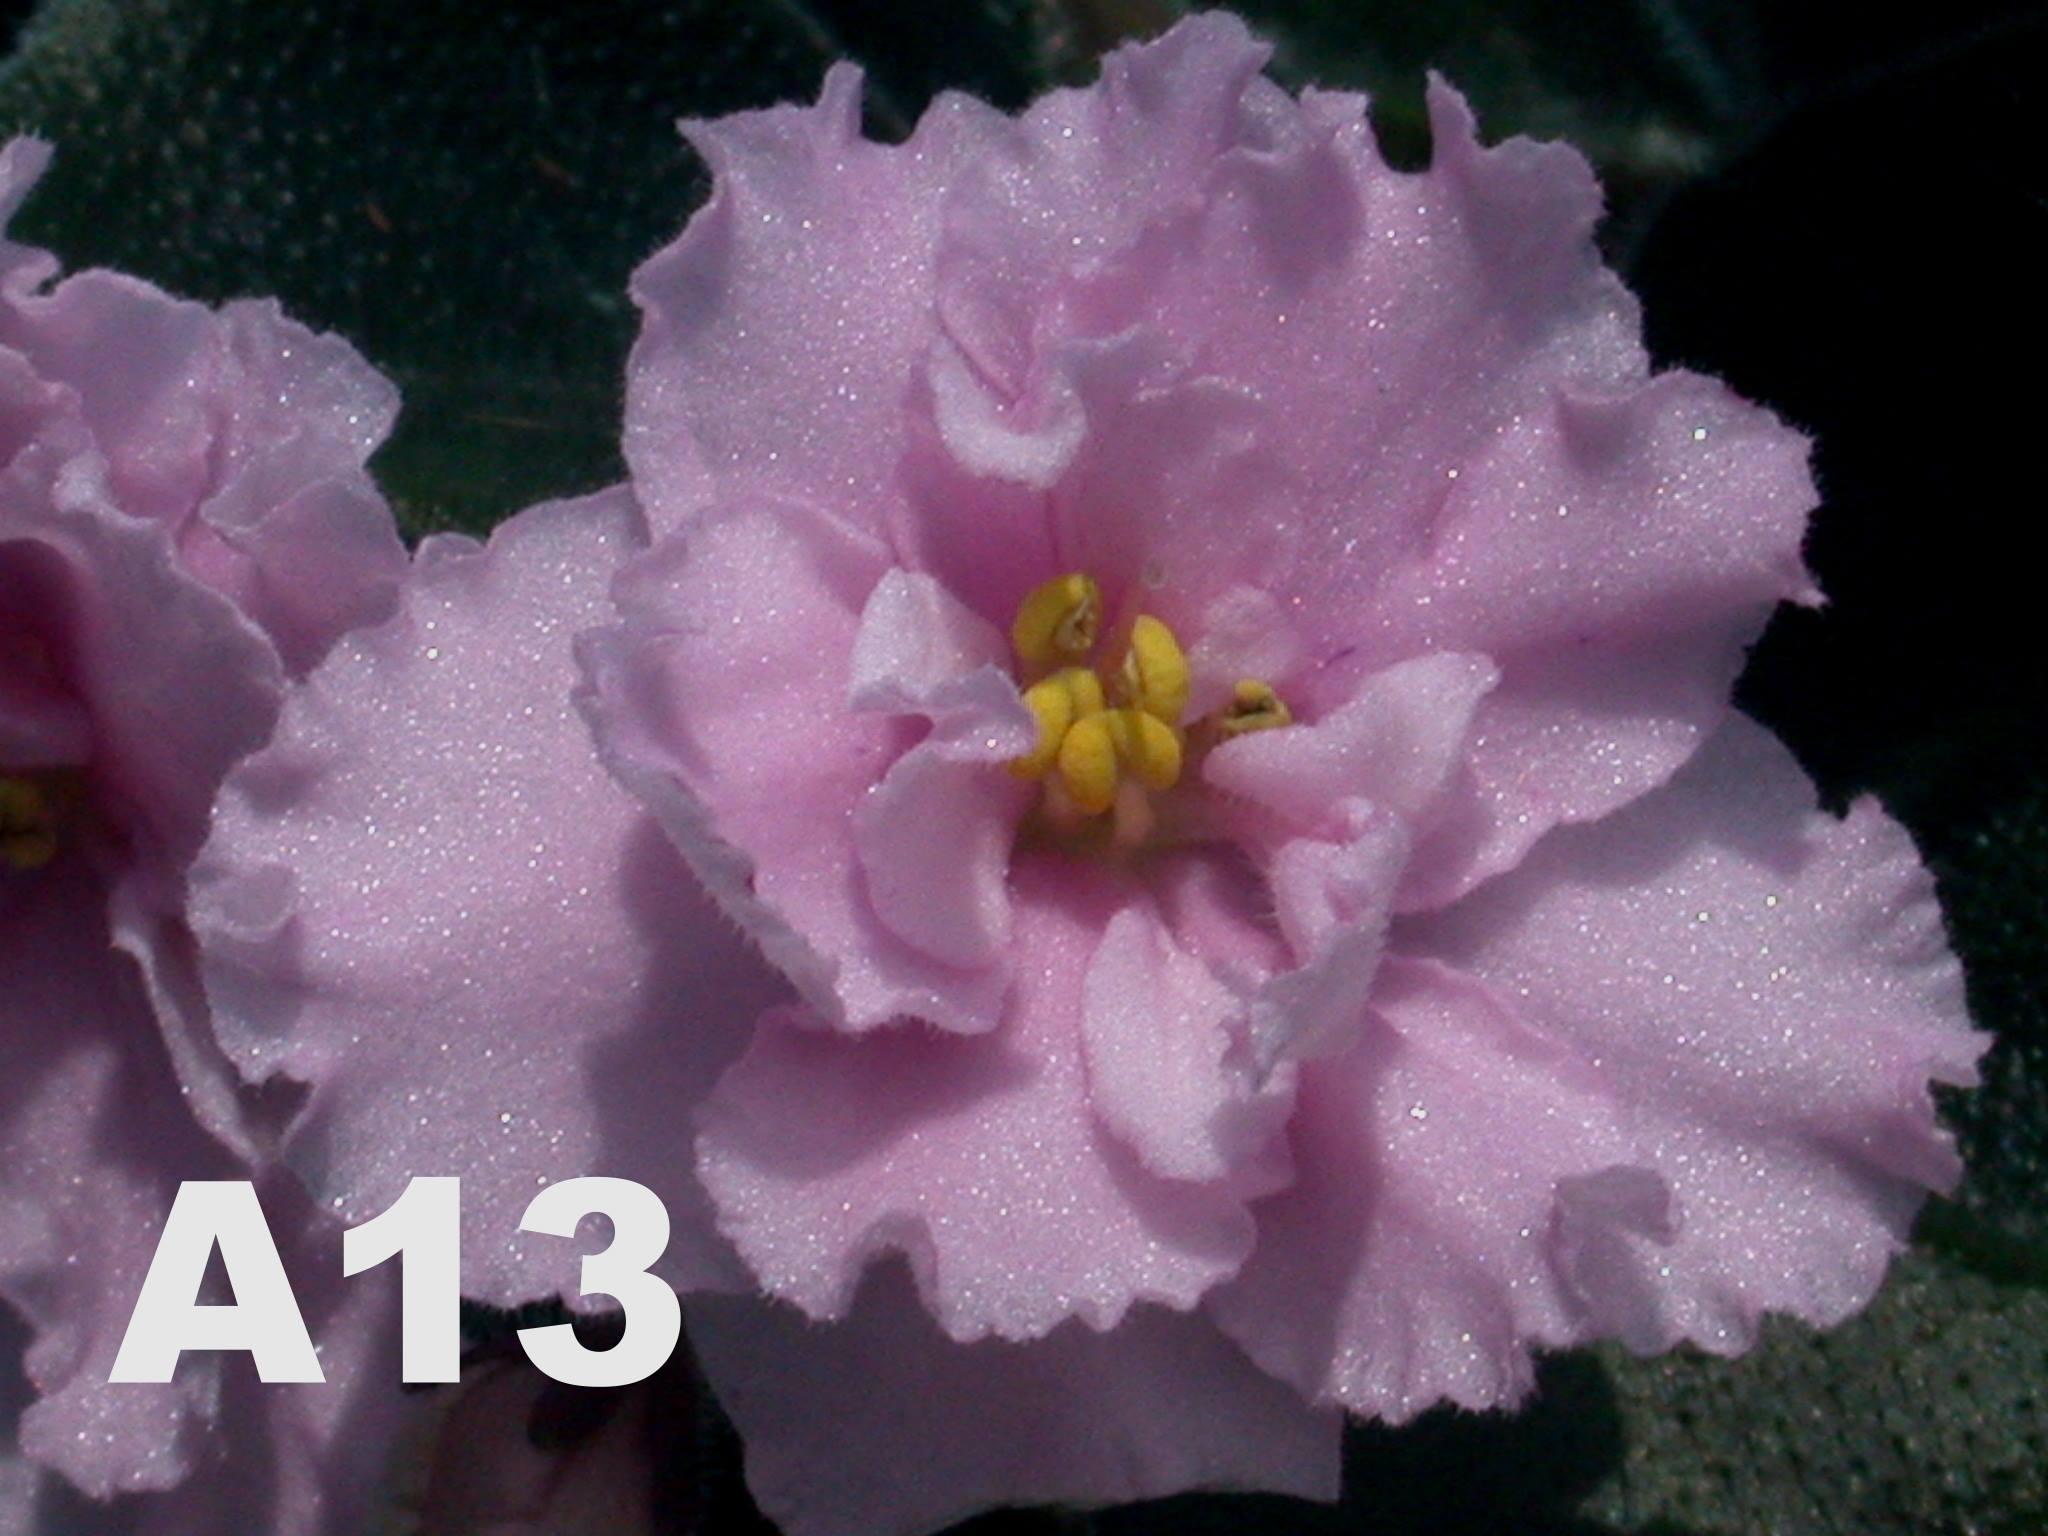 非洲紫羅蘭名錄 | African Violets Catalogue - A系列 A13